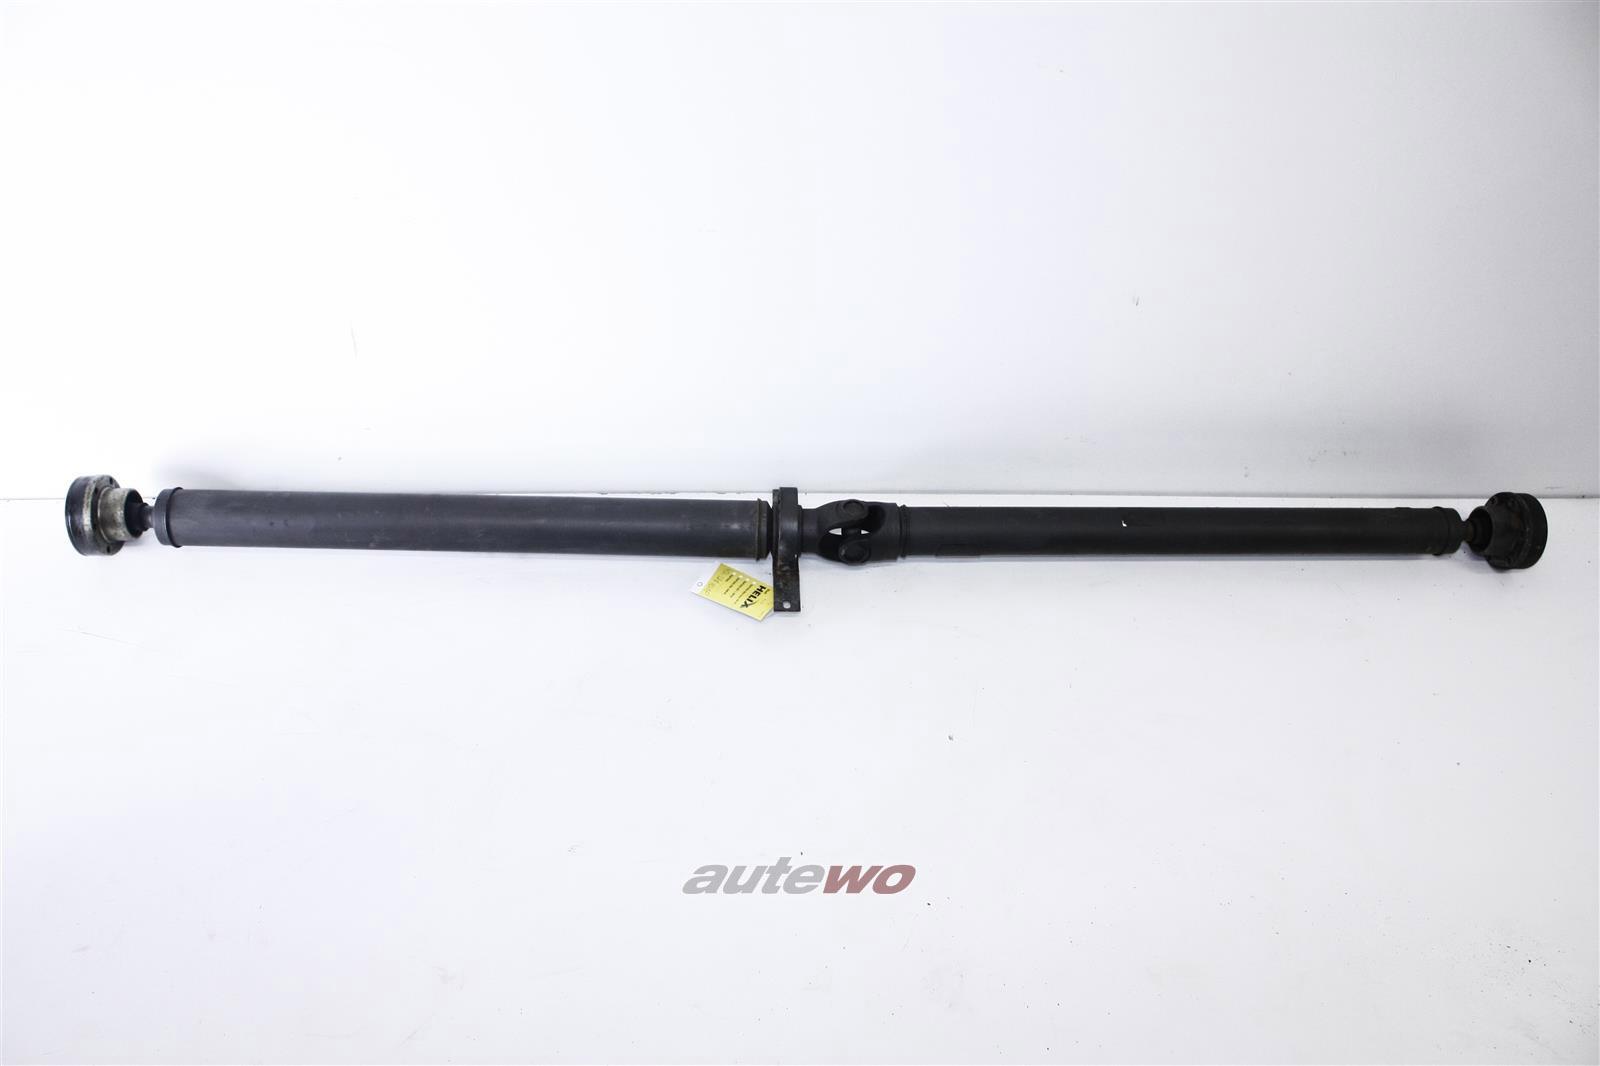 Audi A8 D2 3.7l 230-260PS 8 Zyl. Kardanwelle 5-Gang-Automatik Automatik 4D0521101P